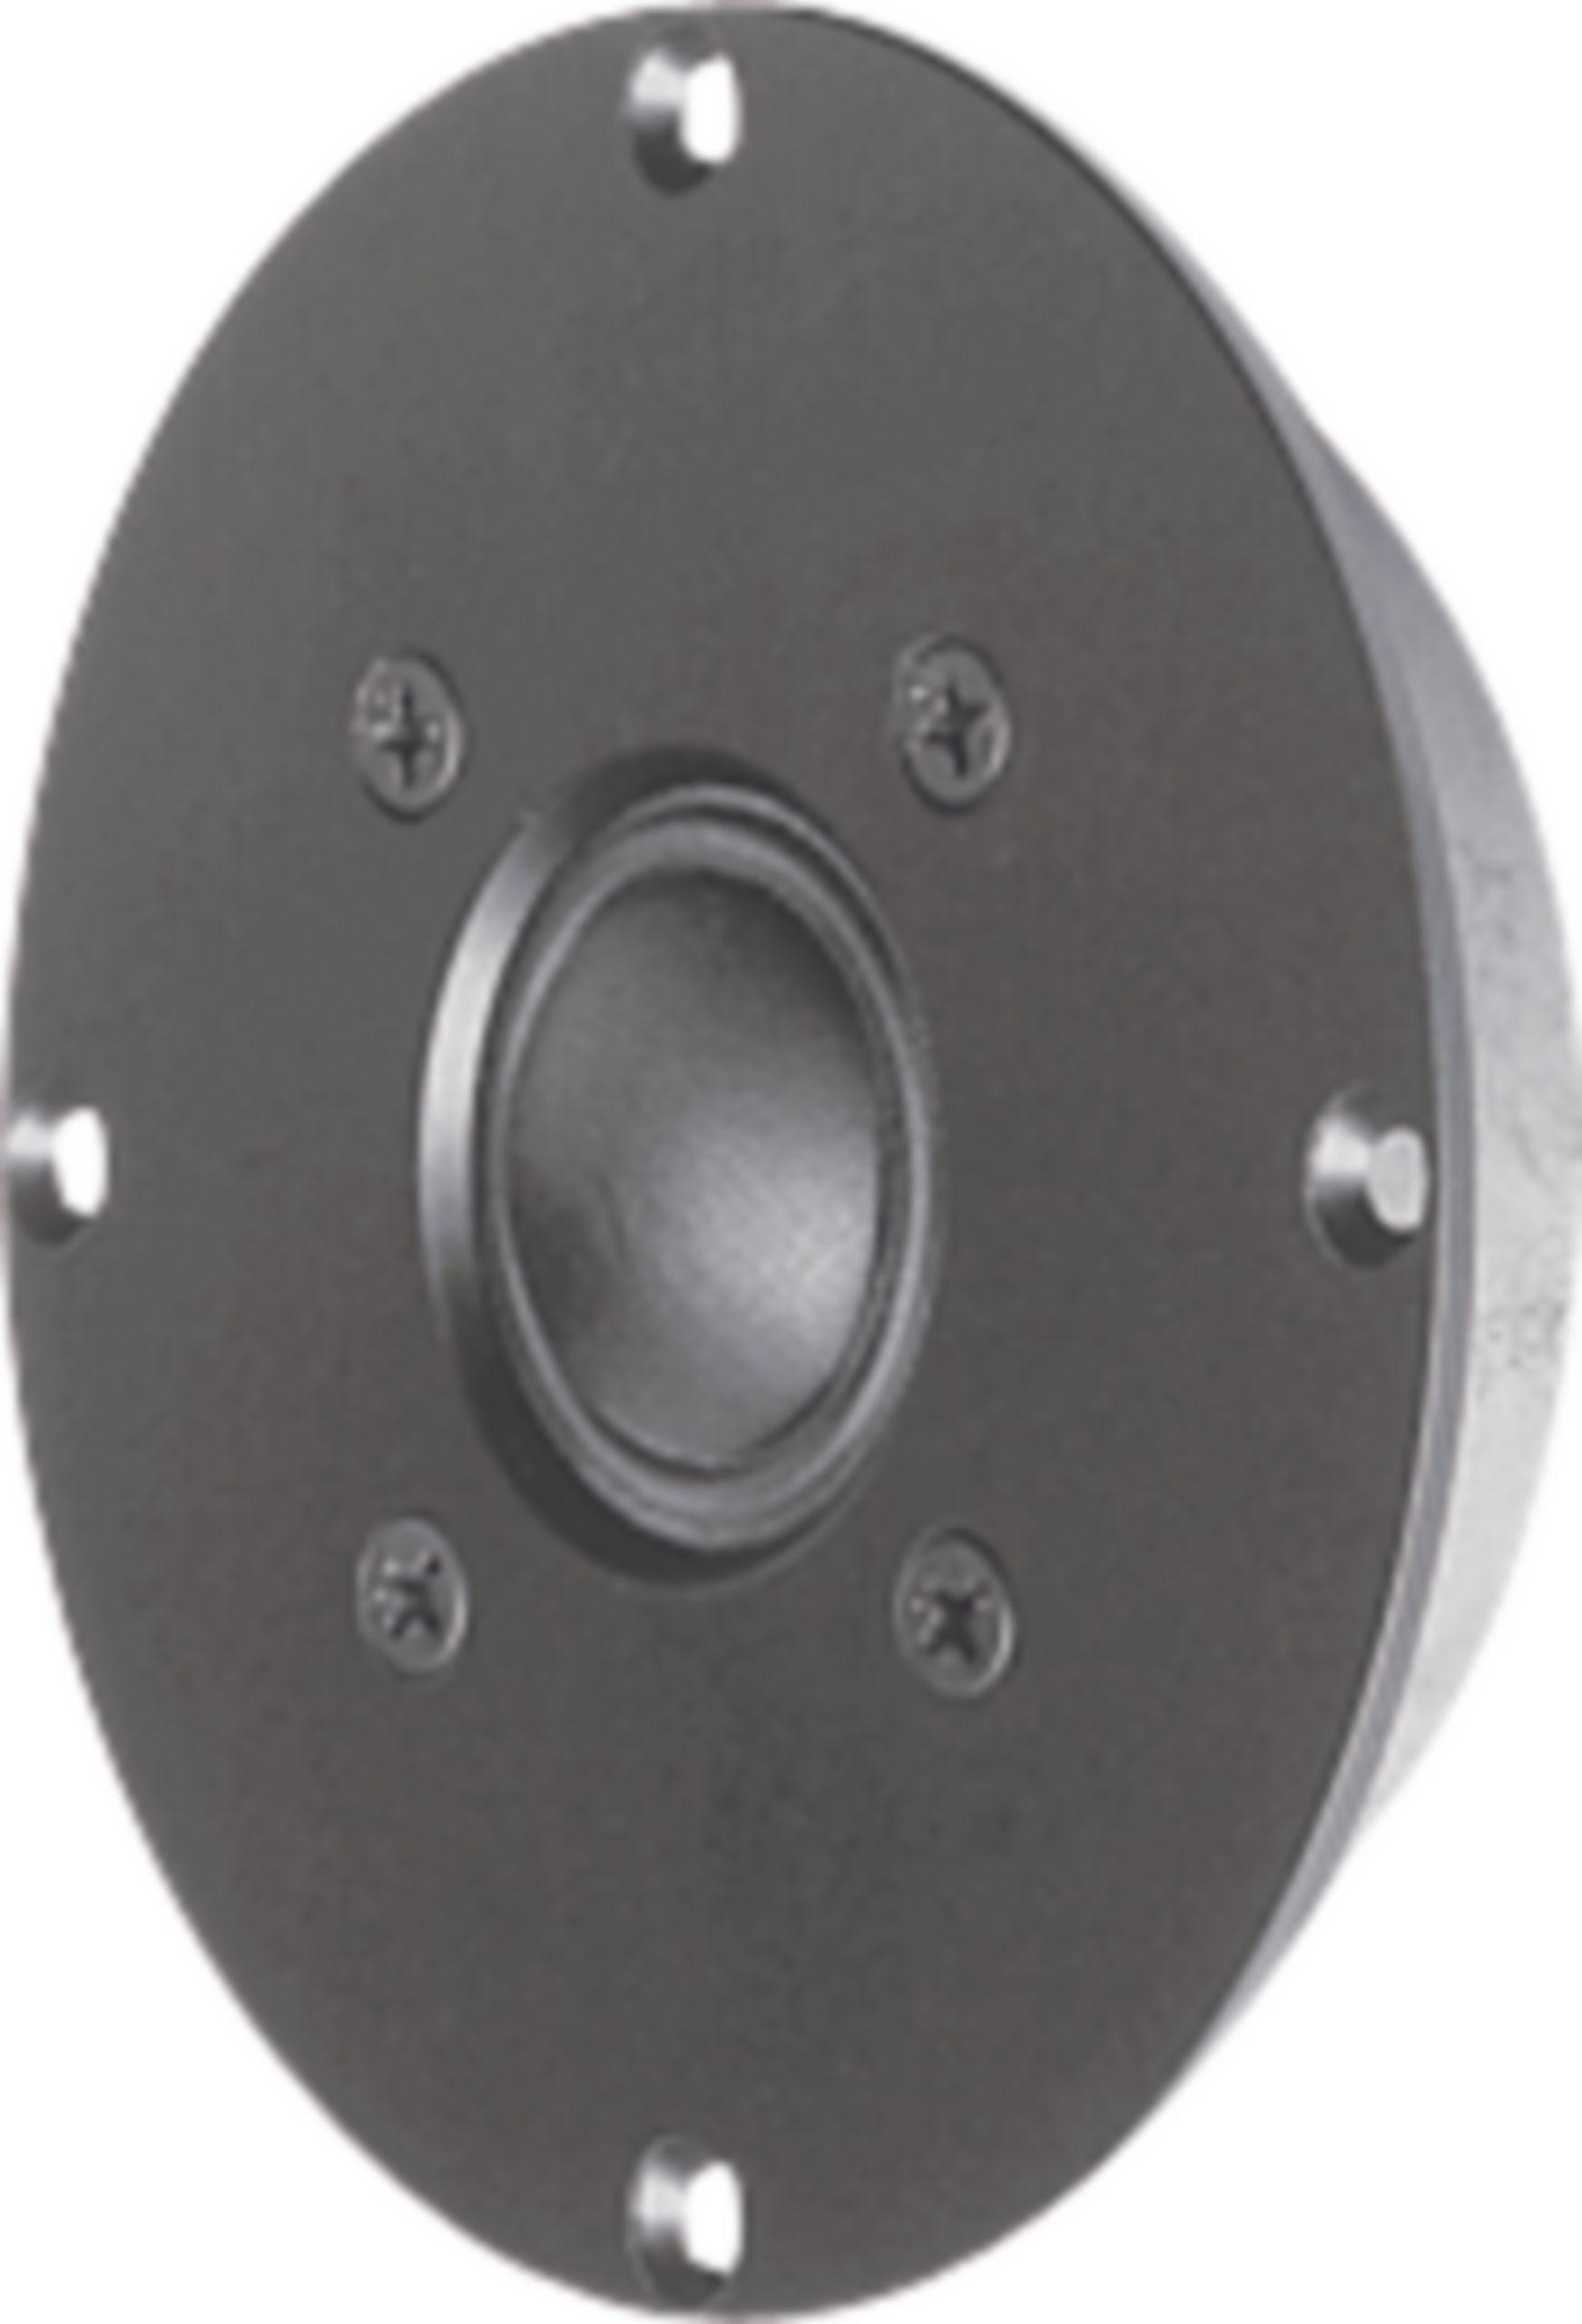 """Výškový reproduktor 2.5 cm (1"""") 8 Ohm 180 W Visaton, VS-G25FFL/8"""